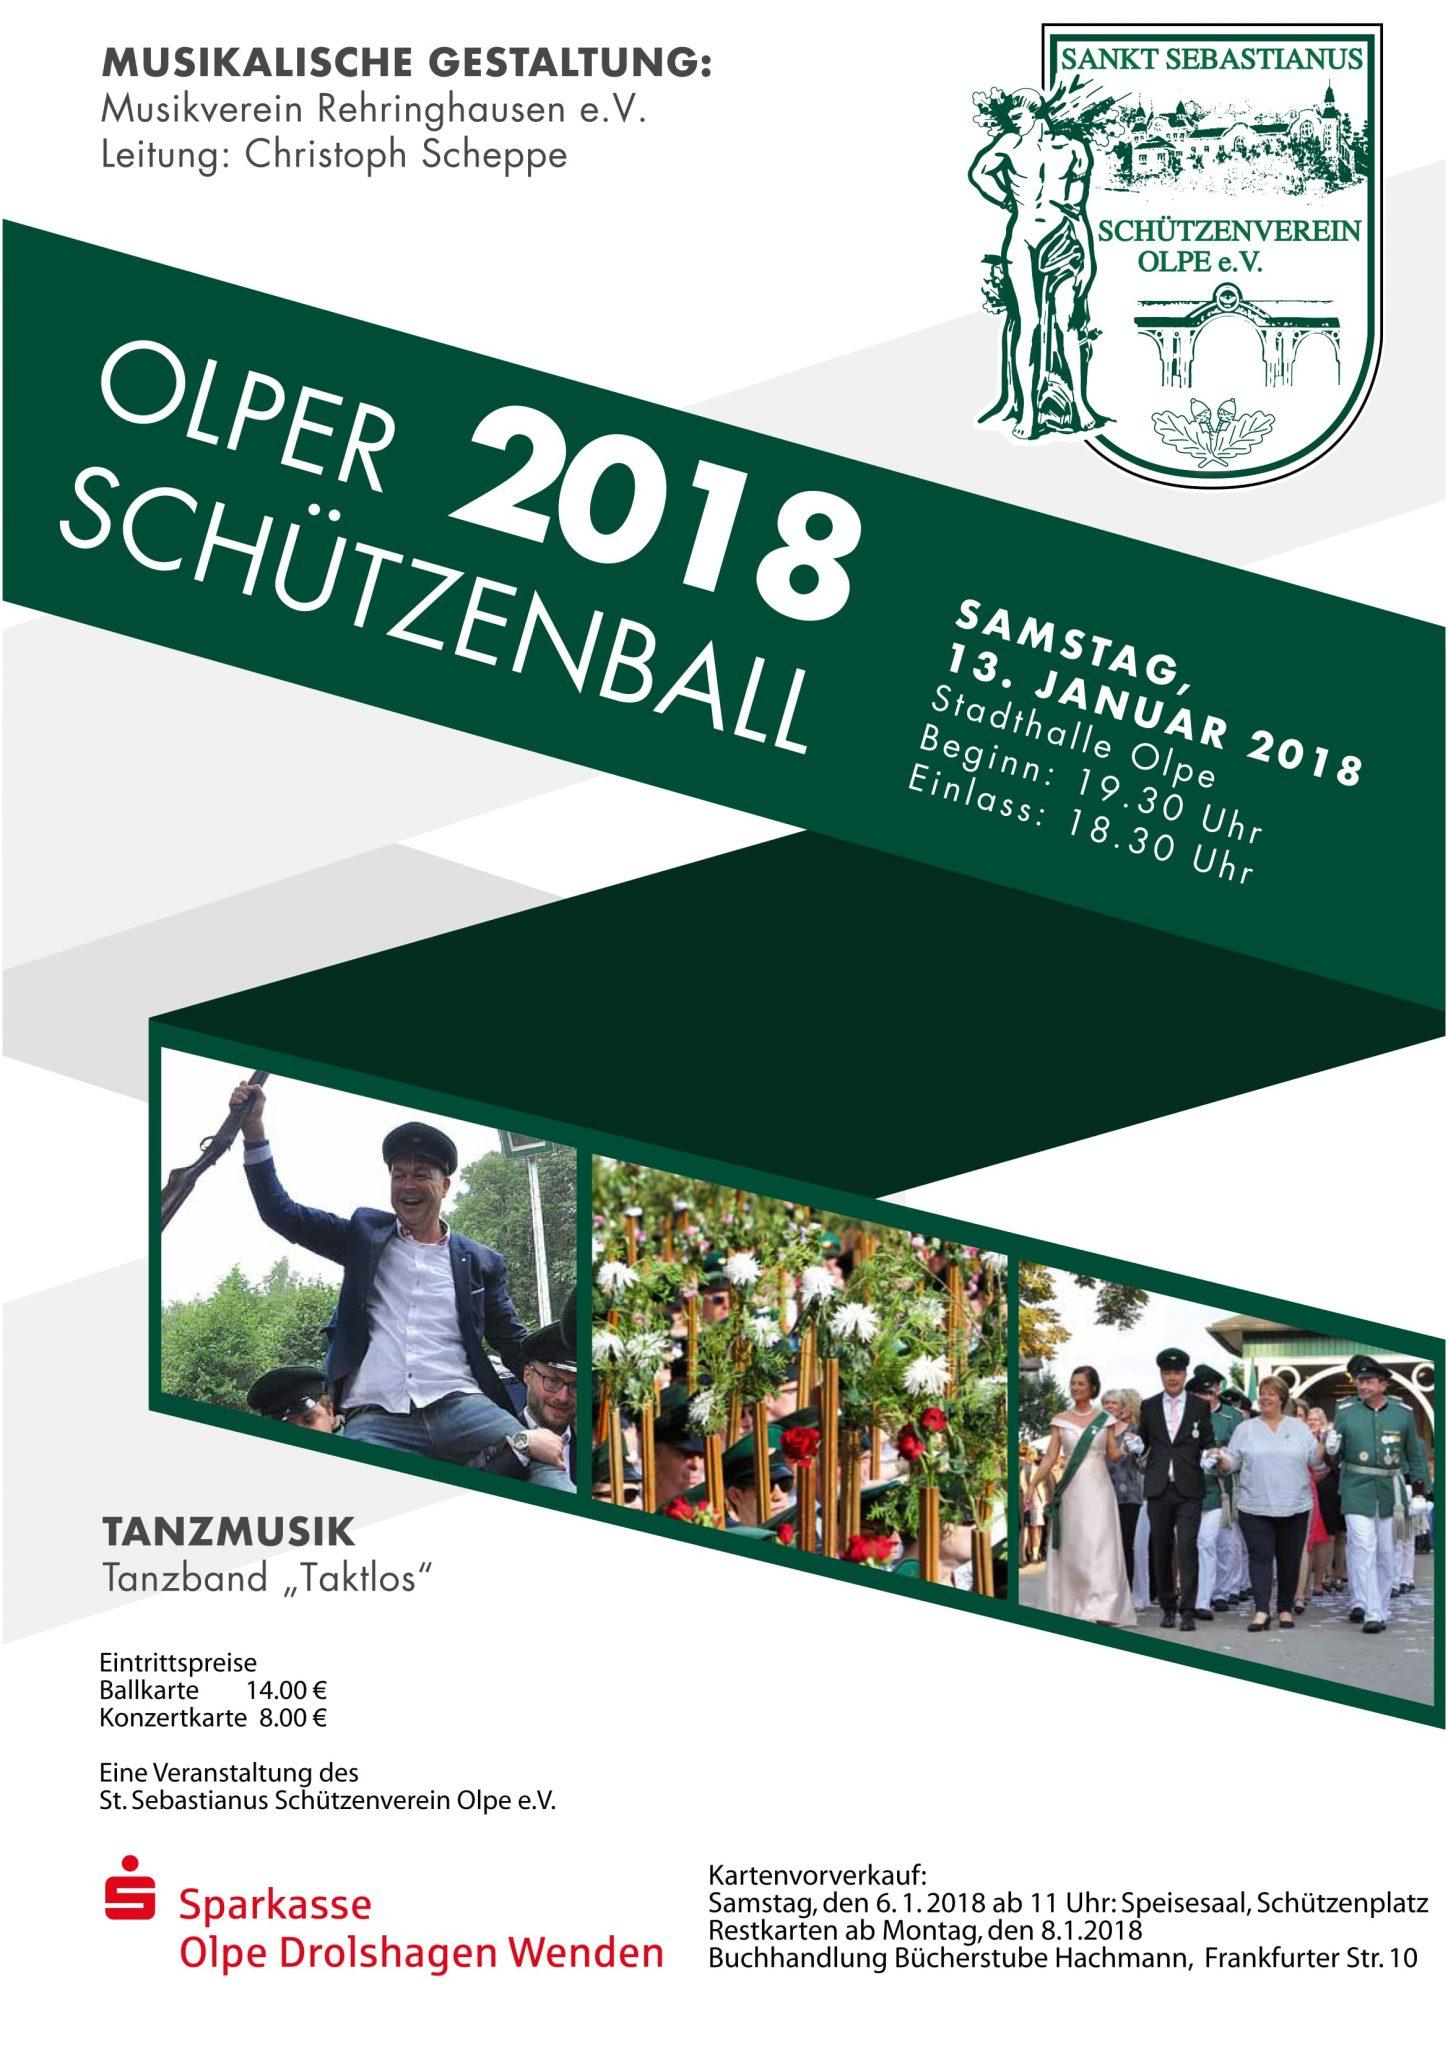 Schützenverein Olpe - Schützenball 2018 Plakat